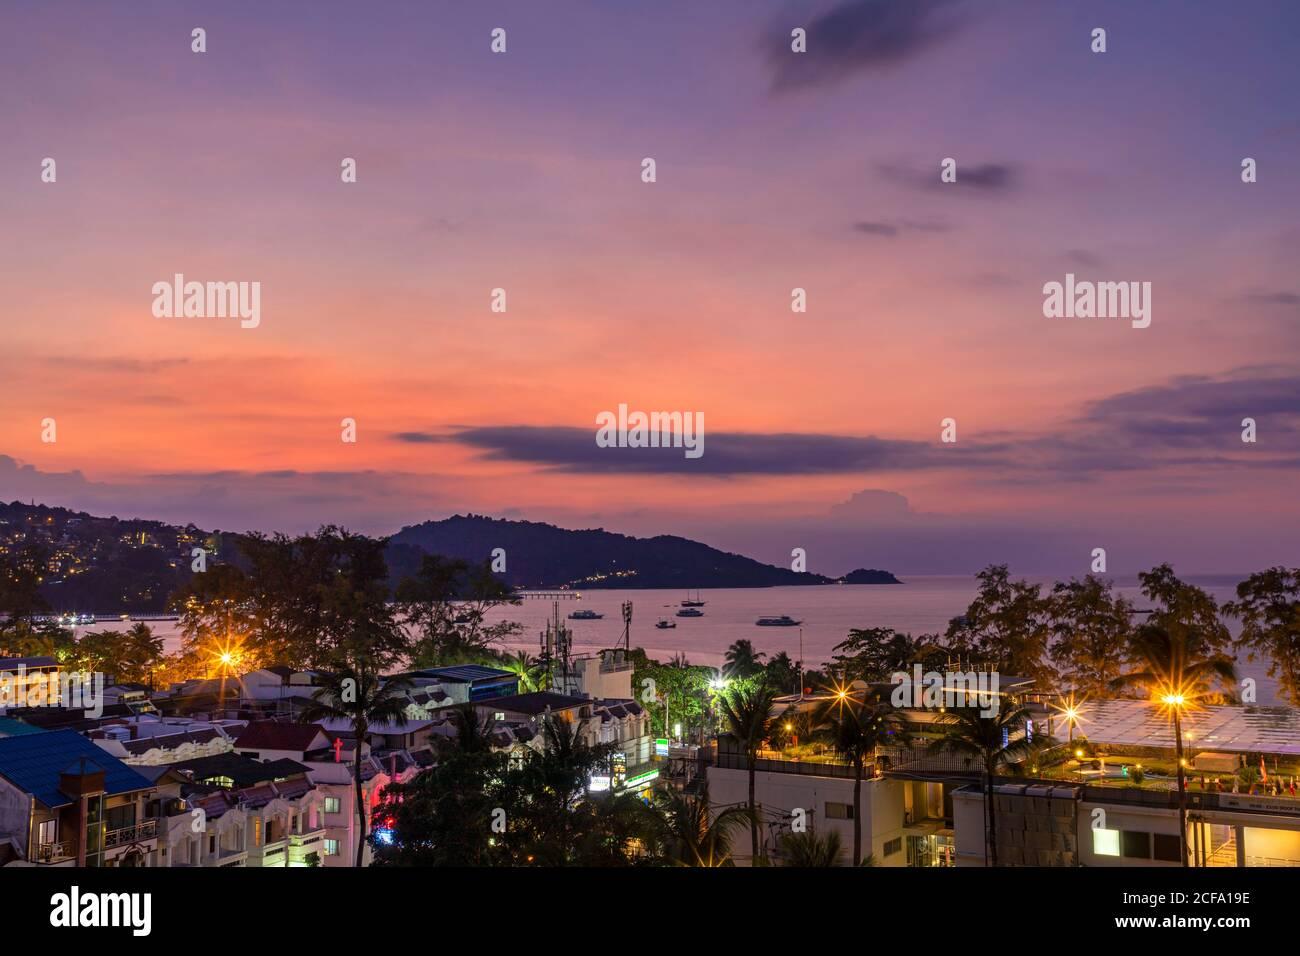 Vue sur le paysage du coucher de soleil sur la mer d'Andaman, Patong Beach, Phuket, Thaïlande Banque D'Images